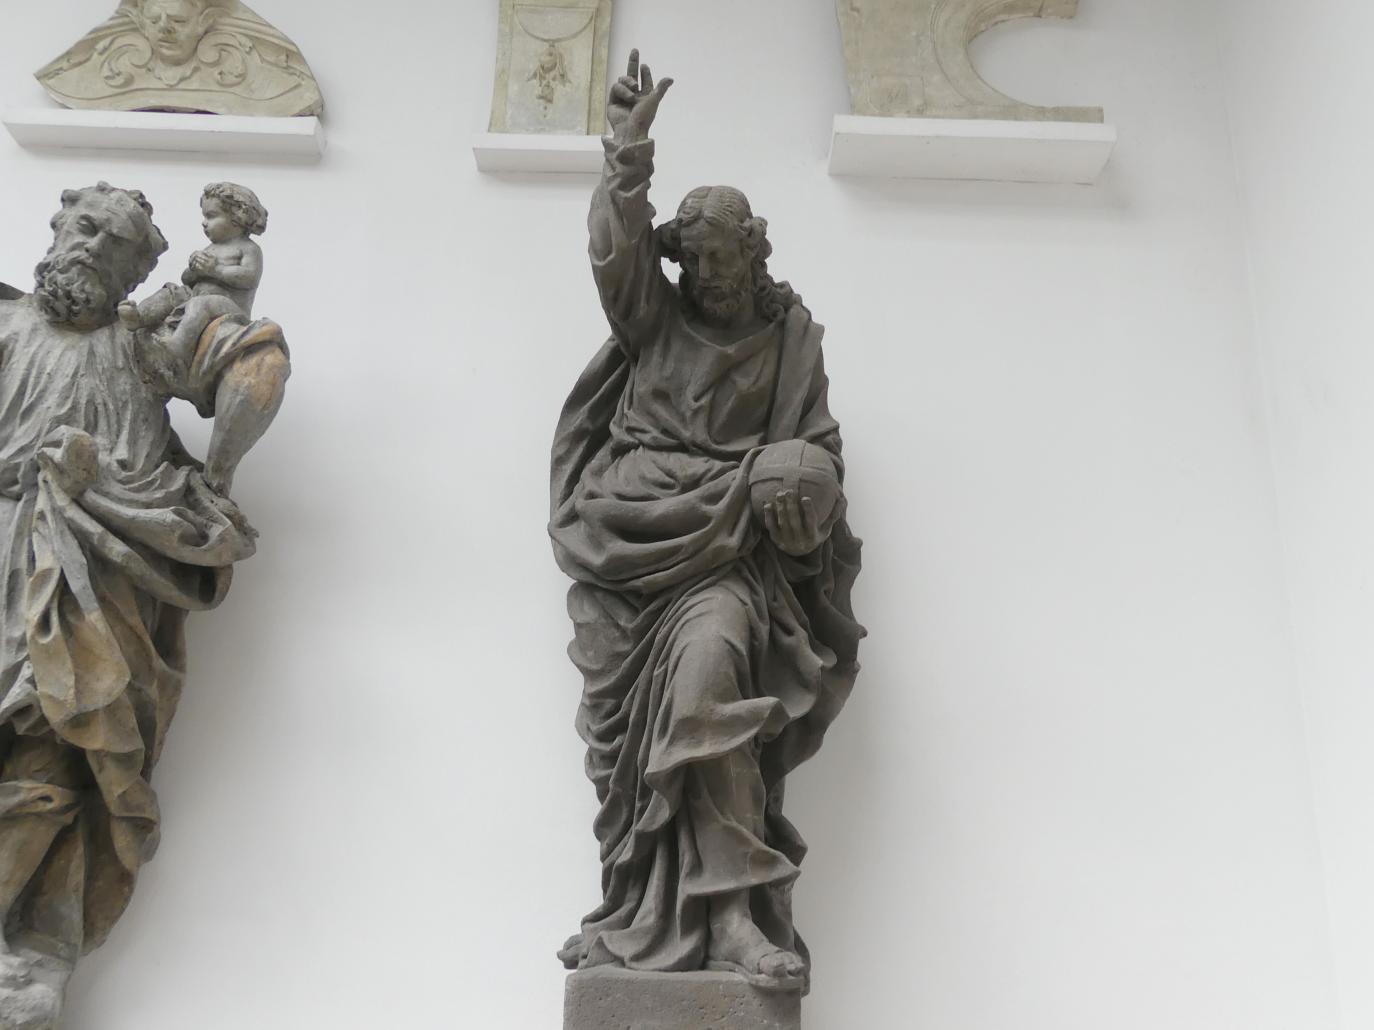 Mathias Wenzel Jäckel: Christus als Erlöser der Welt (Salvator mundi), 1696